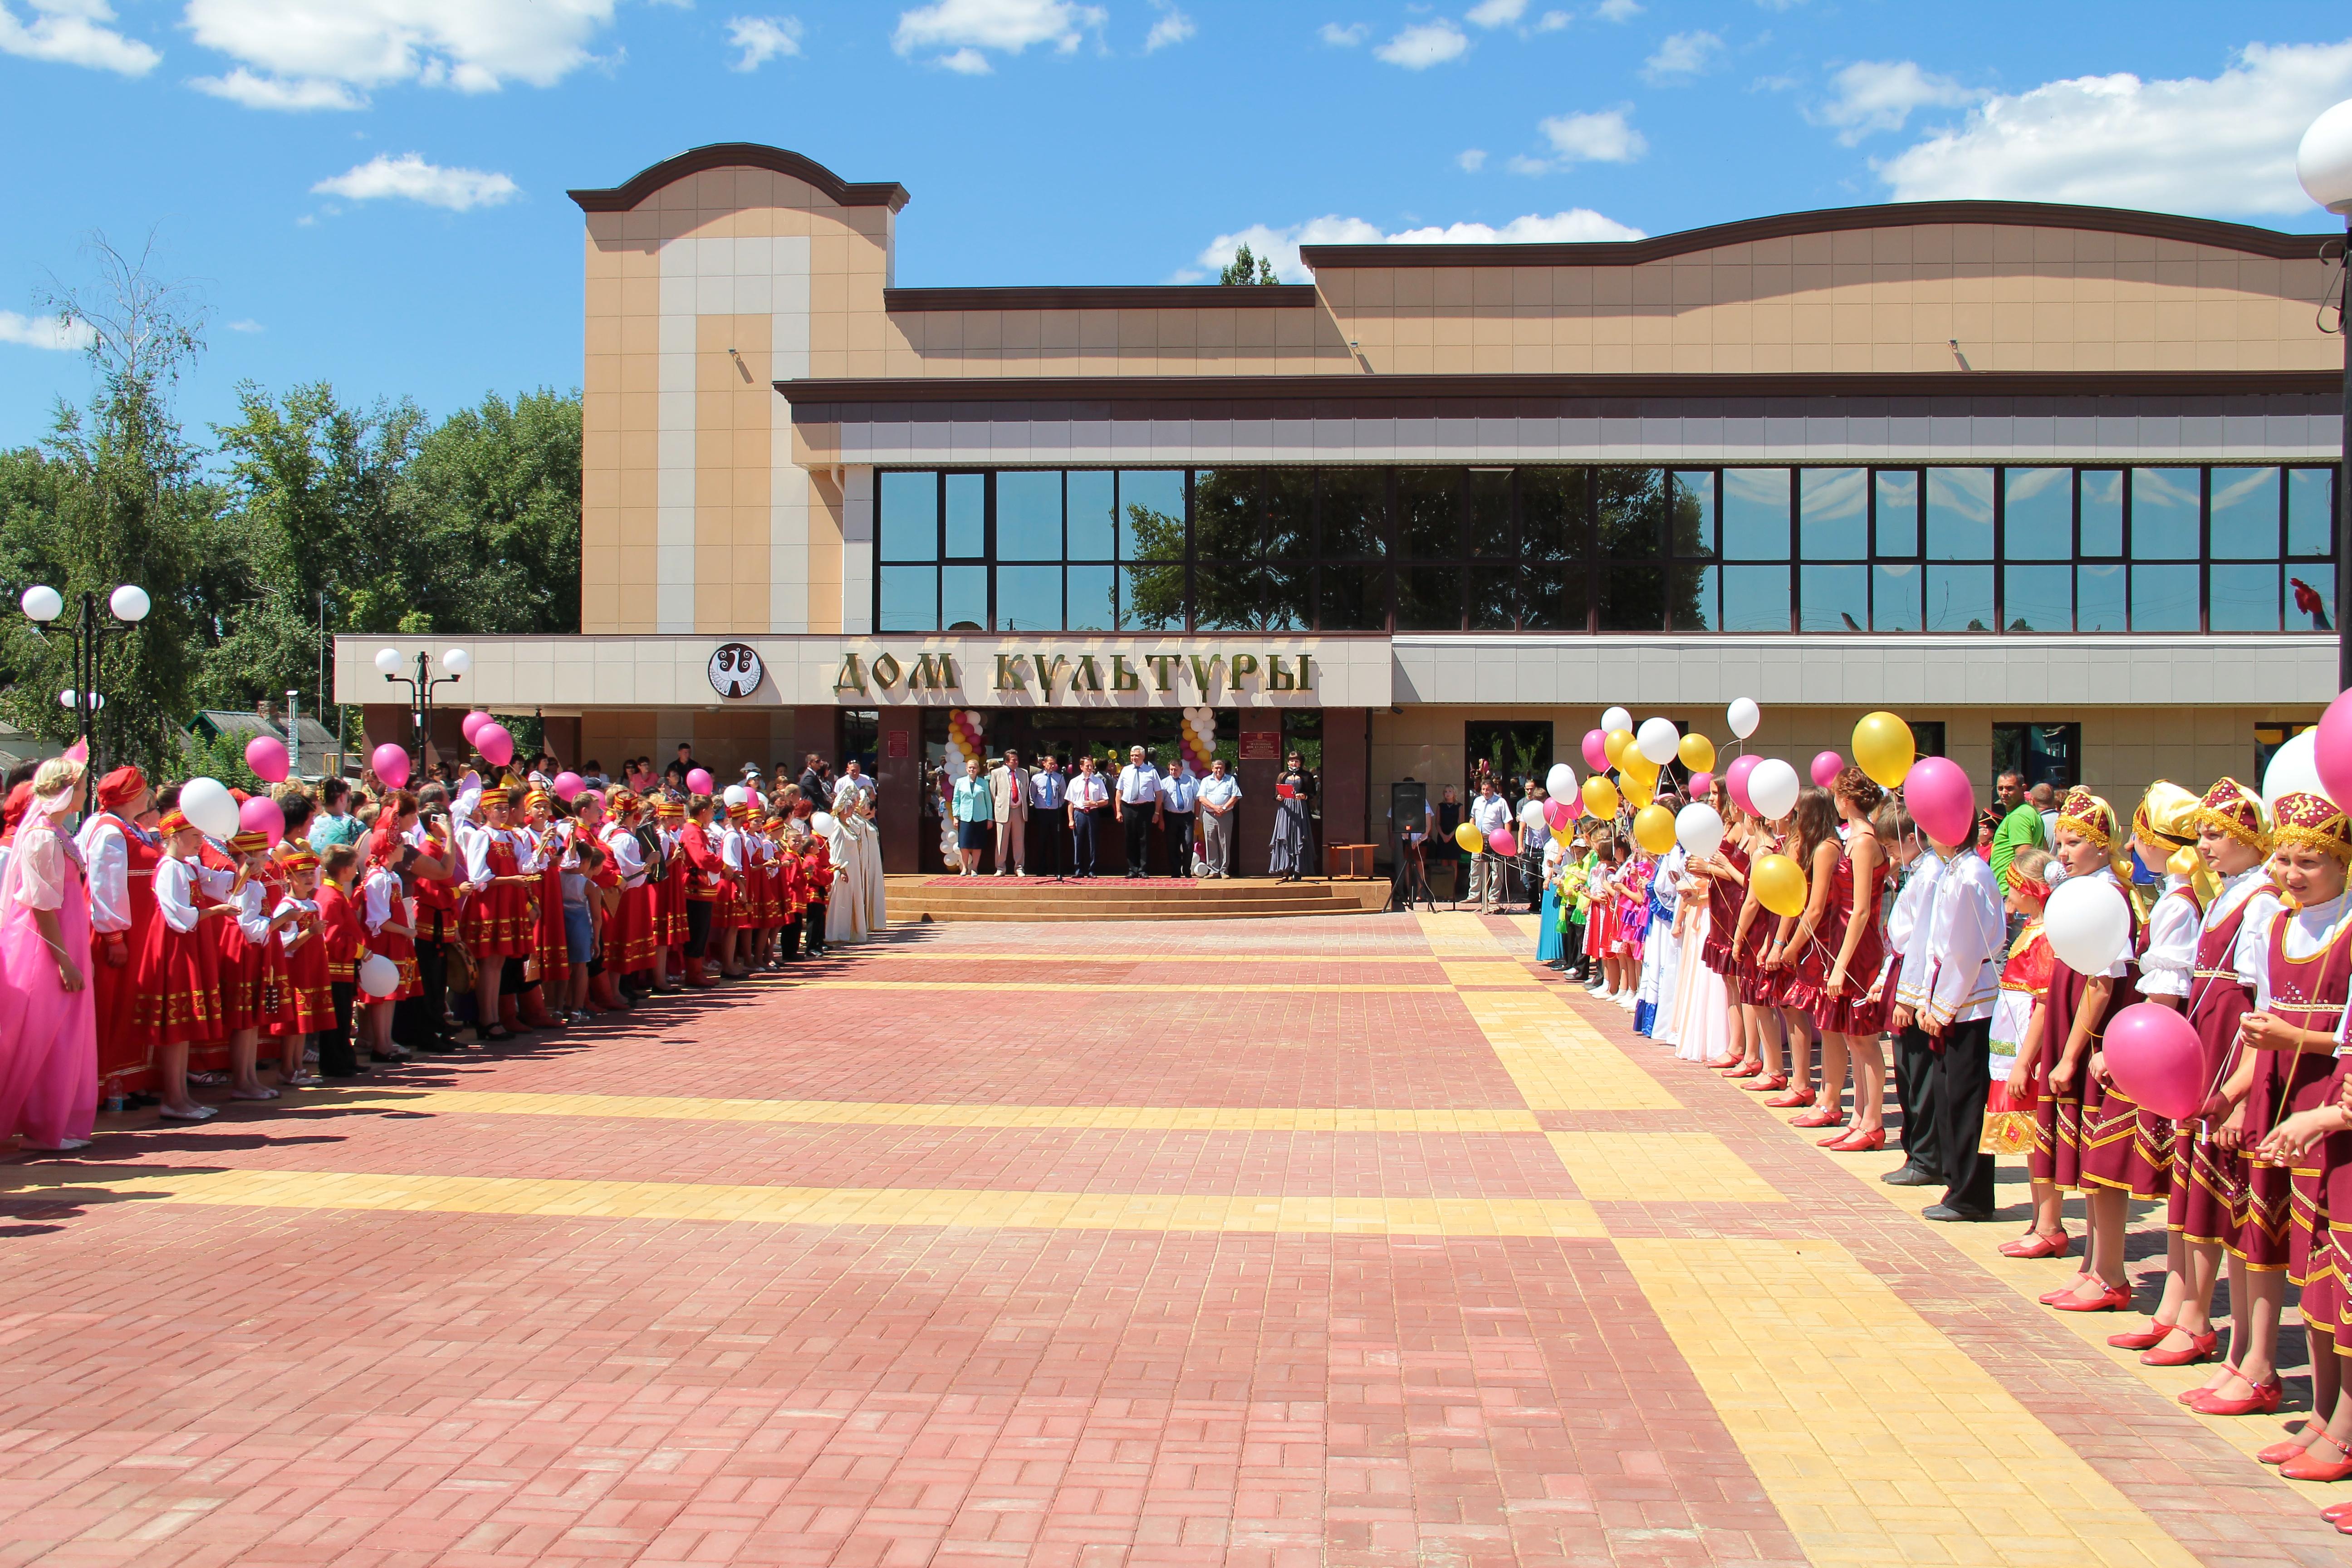 Открытие районного Дома культуры после реокнструкции, 19.07.2013 год.JPG